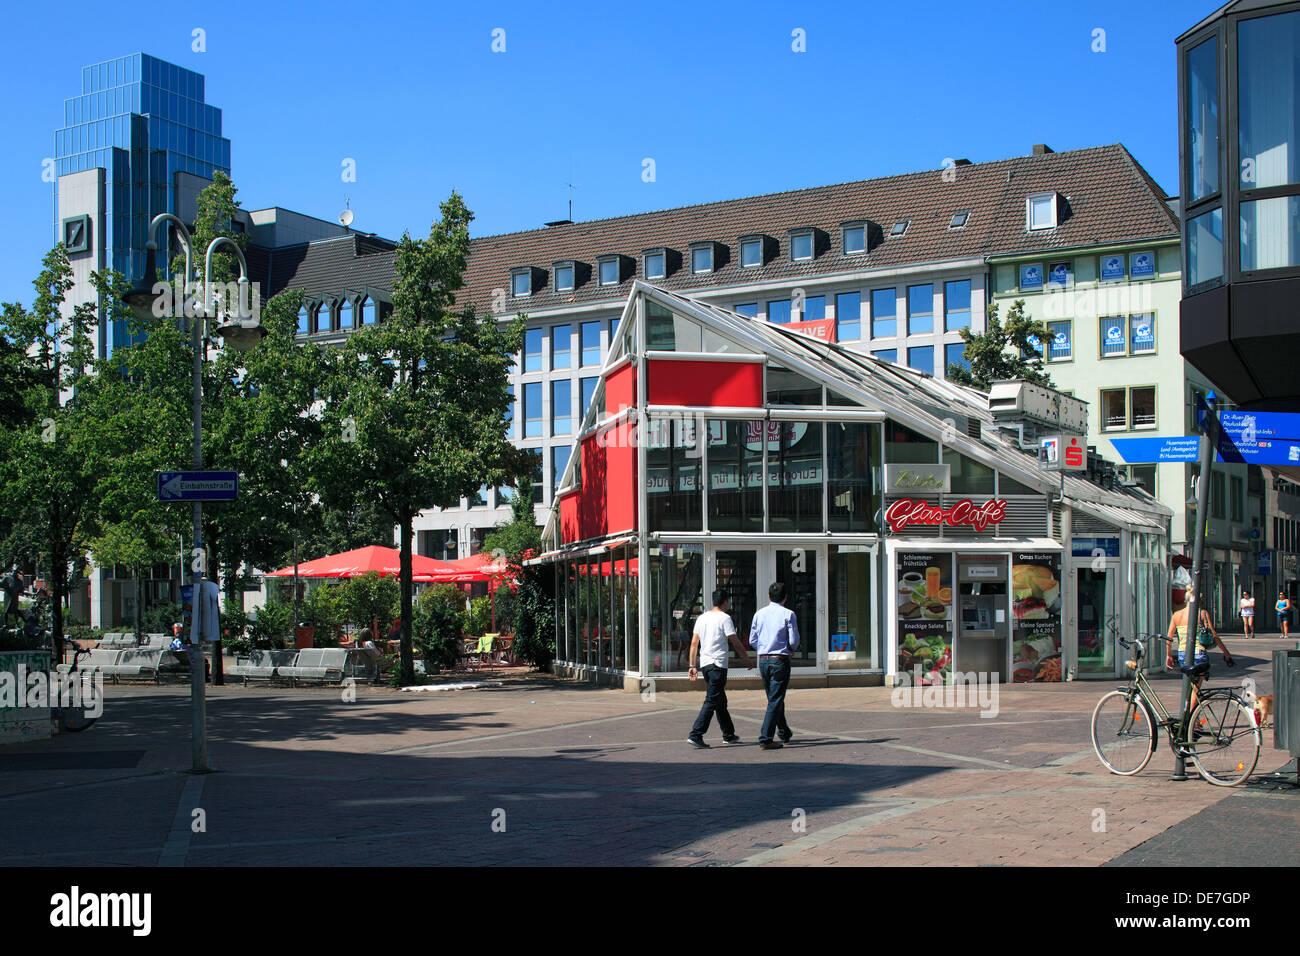 Glascafe und Bankgebaeude Deutsche Bank am Husemannplatz und Kortumstrasse in Bochum, Ruhrgebiet, Nordrhein-Westfalen - Stock Image